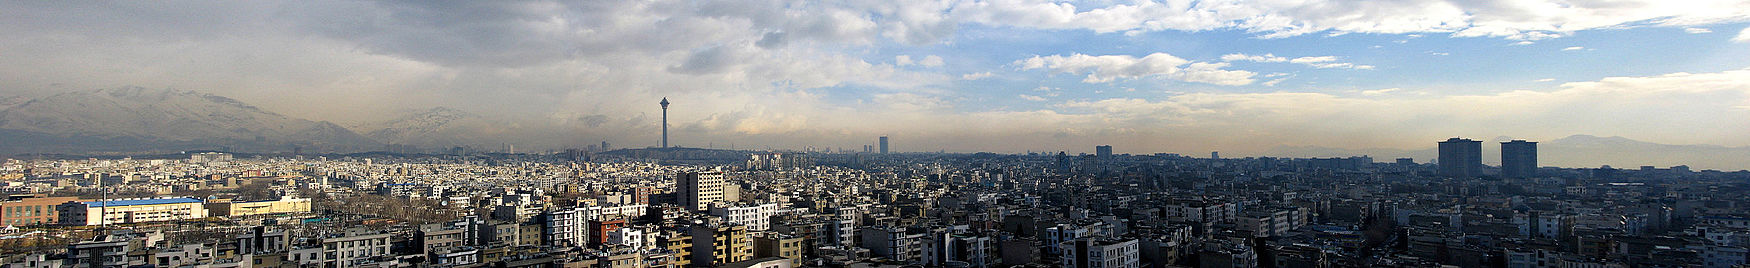 תמונה פנורמית של טהראן ביום. ברקע הרי אלבורז, בצד שמאל ניתן להבחין במגדל מילאד)